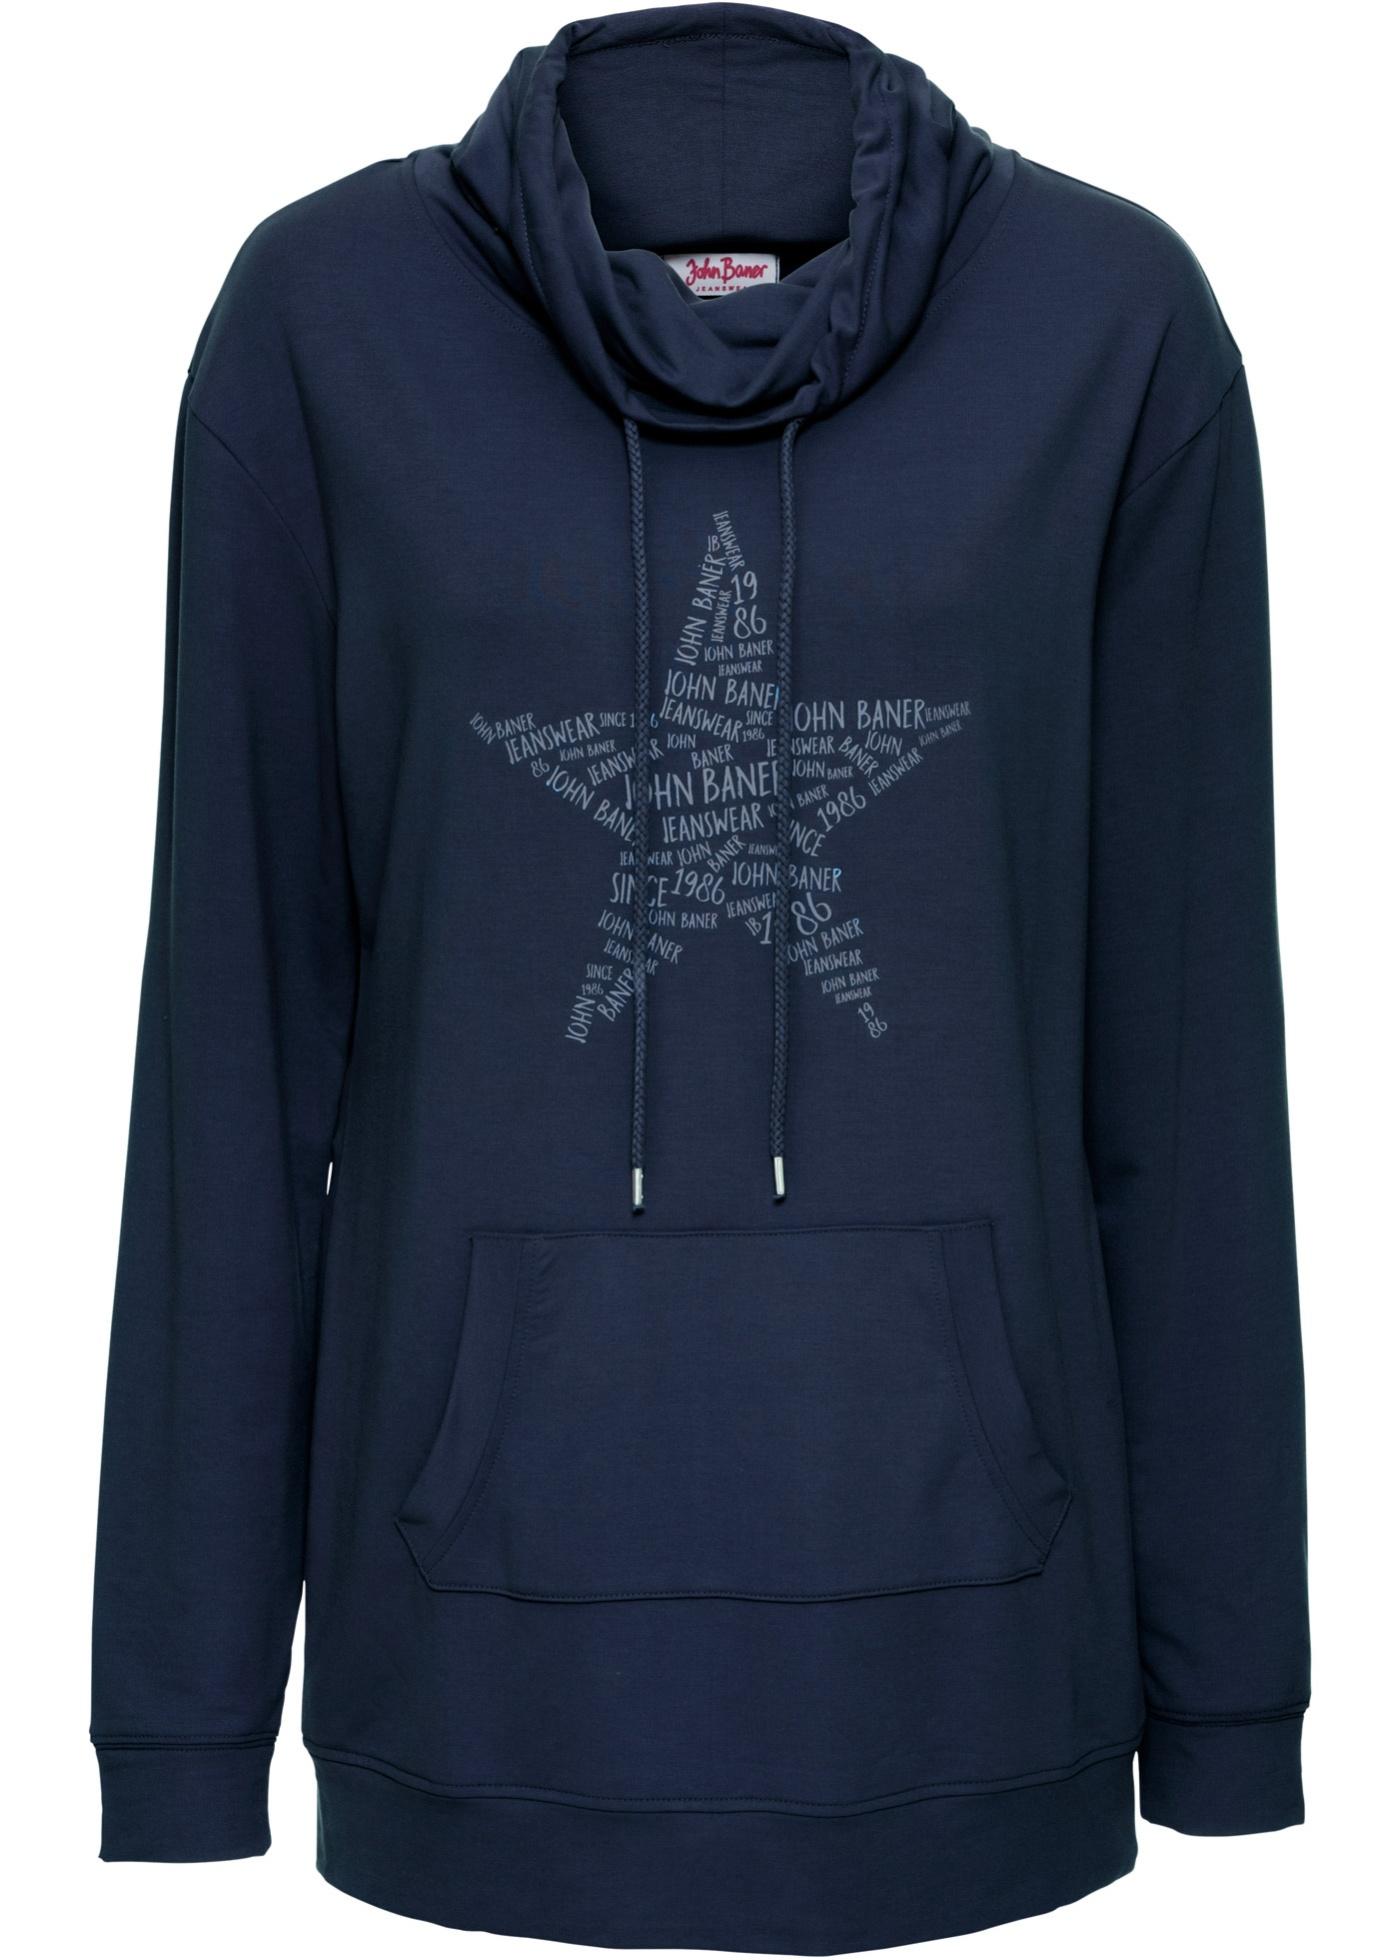 Sweatshirt mit großem Kragen jetztbilligerkaufen